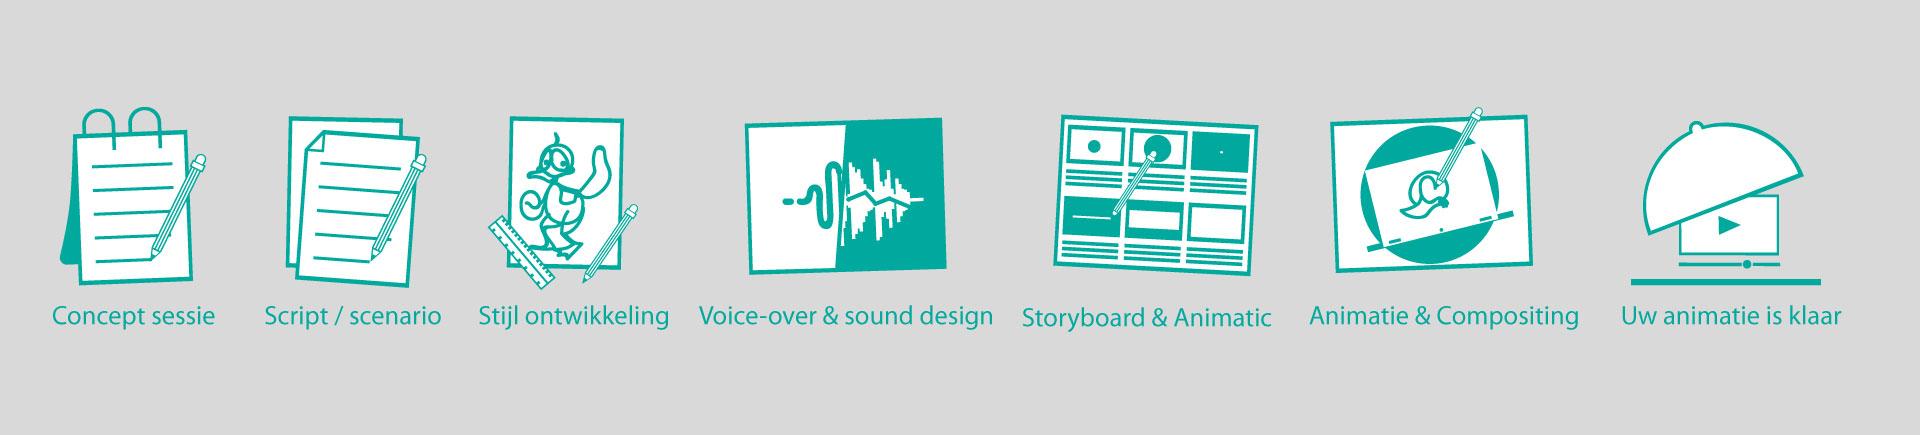 Hoe-werken-wij-iconen.jpg